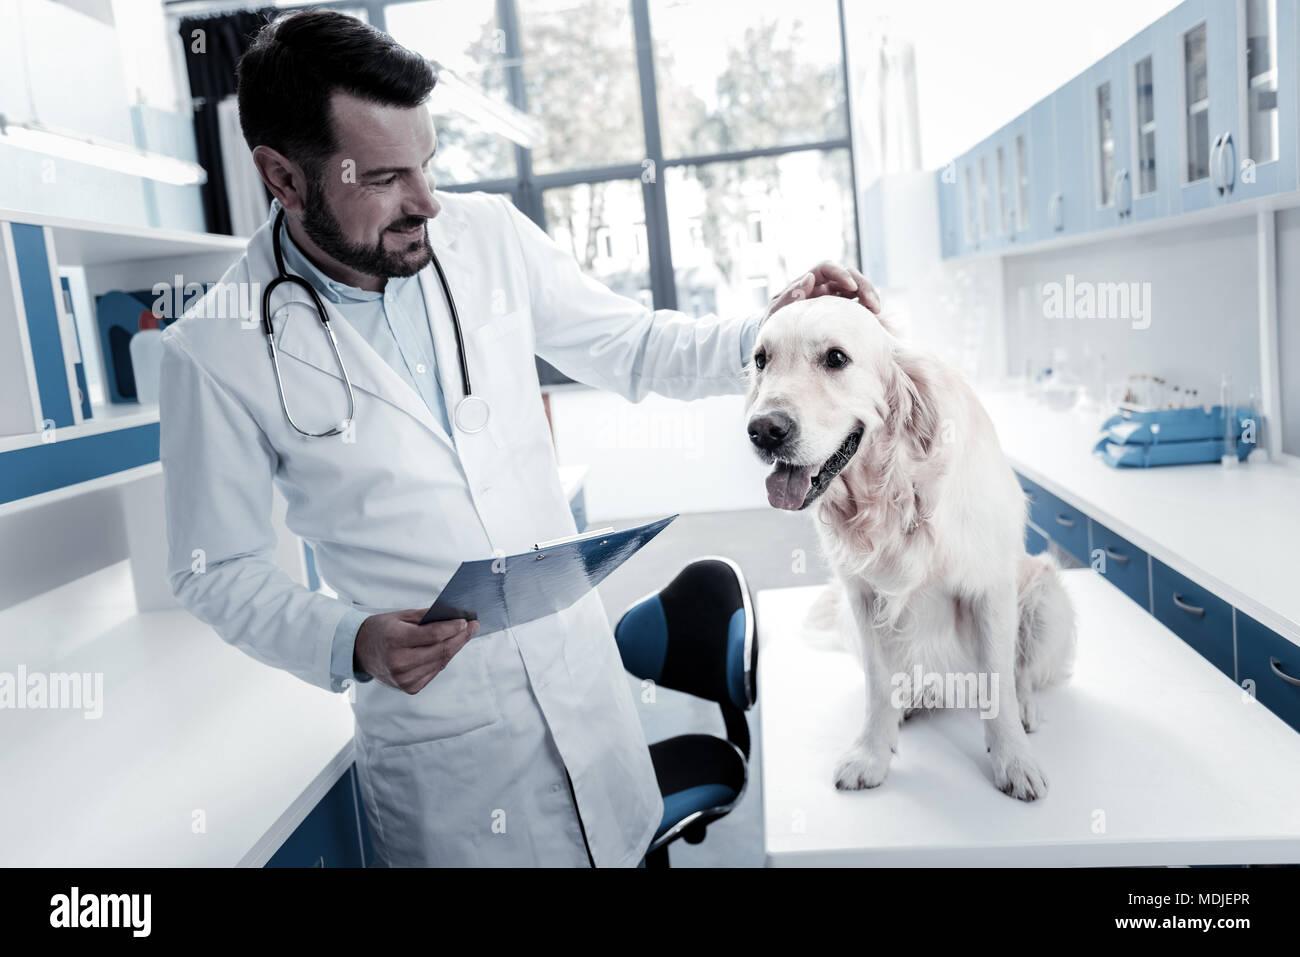 Allegro veterinario nizza accarezzare il cane Immagini Stock